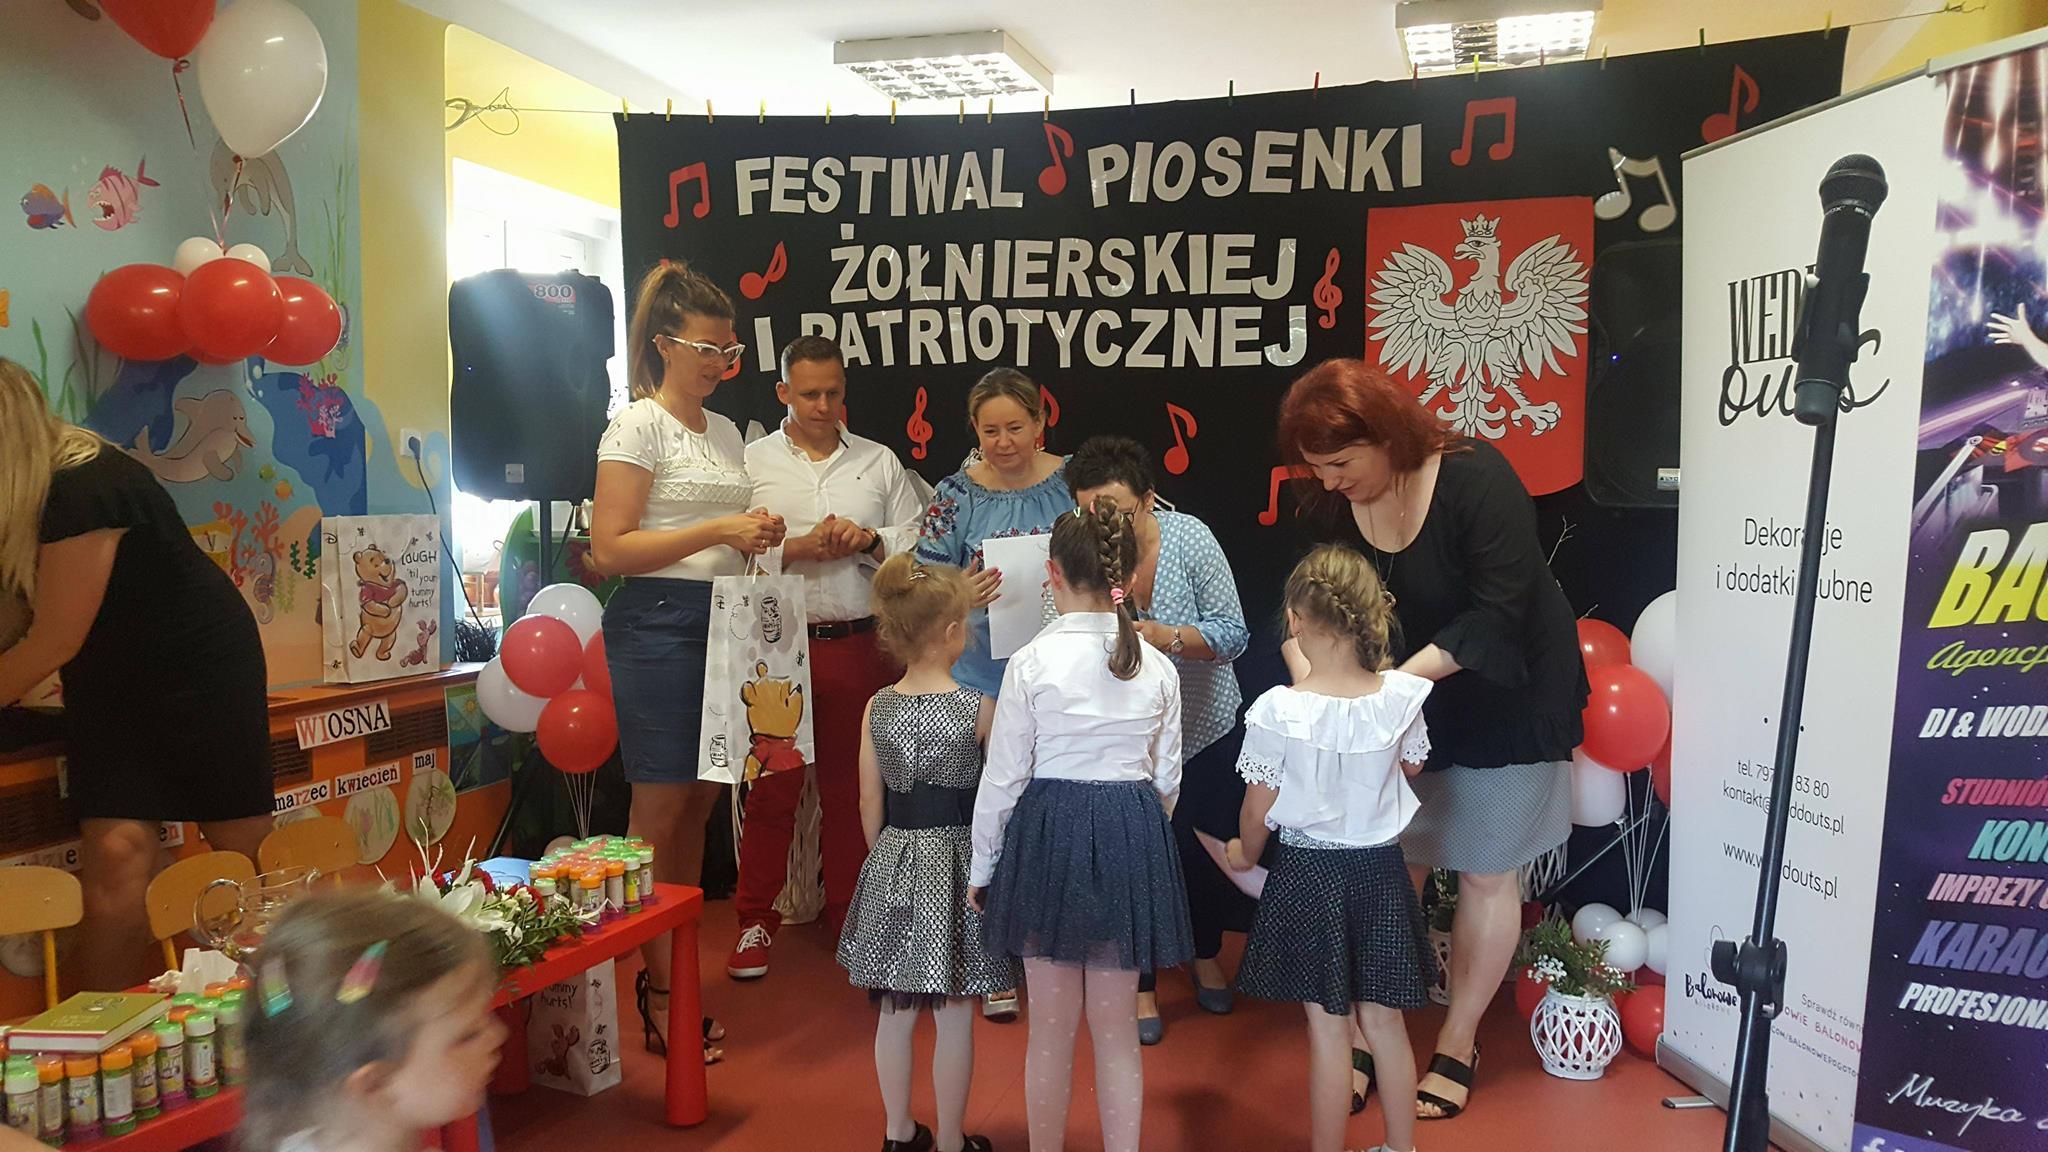 Festiwal Pieśni Żołnierskiej i Patriotycznej.